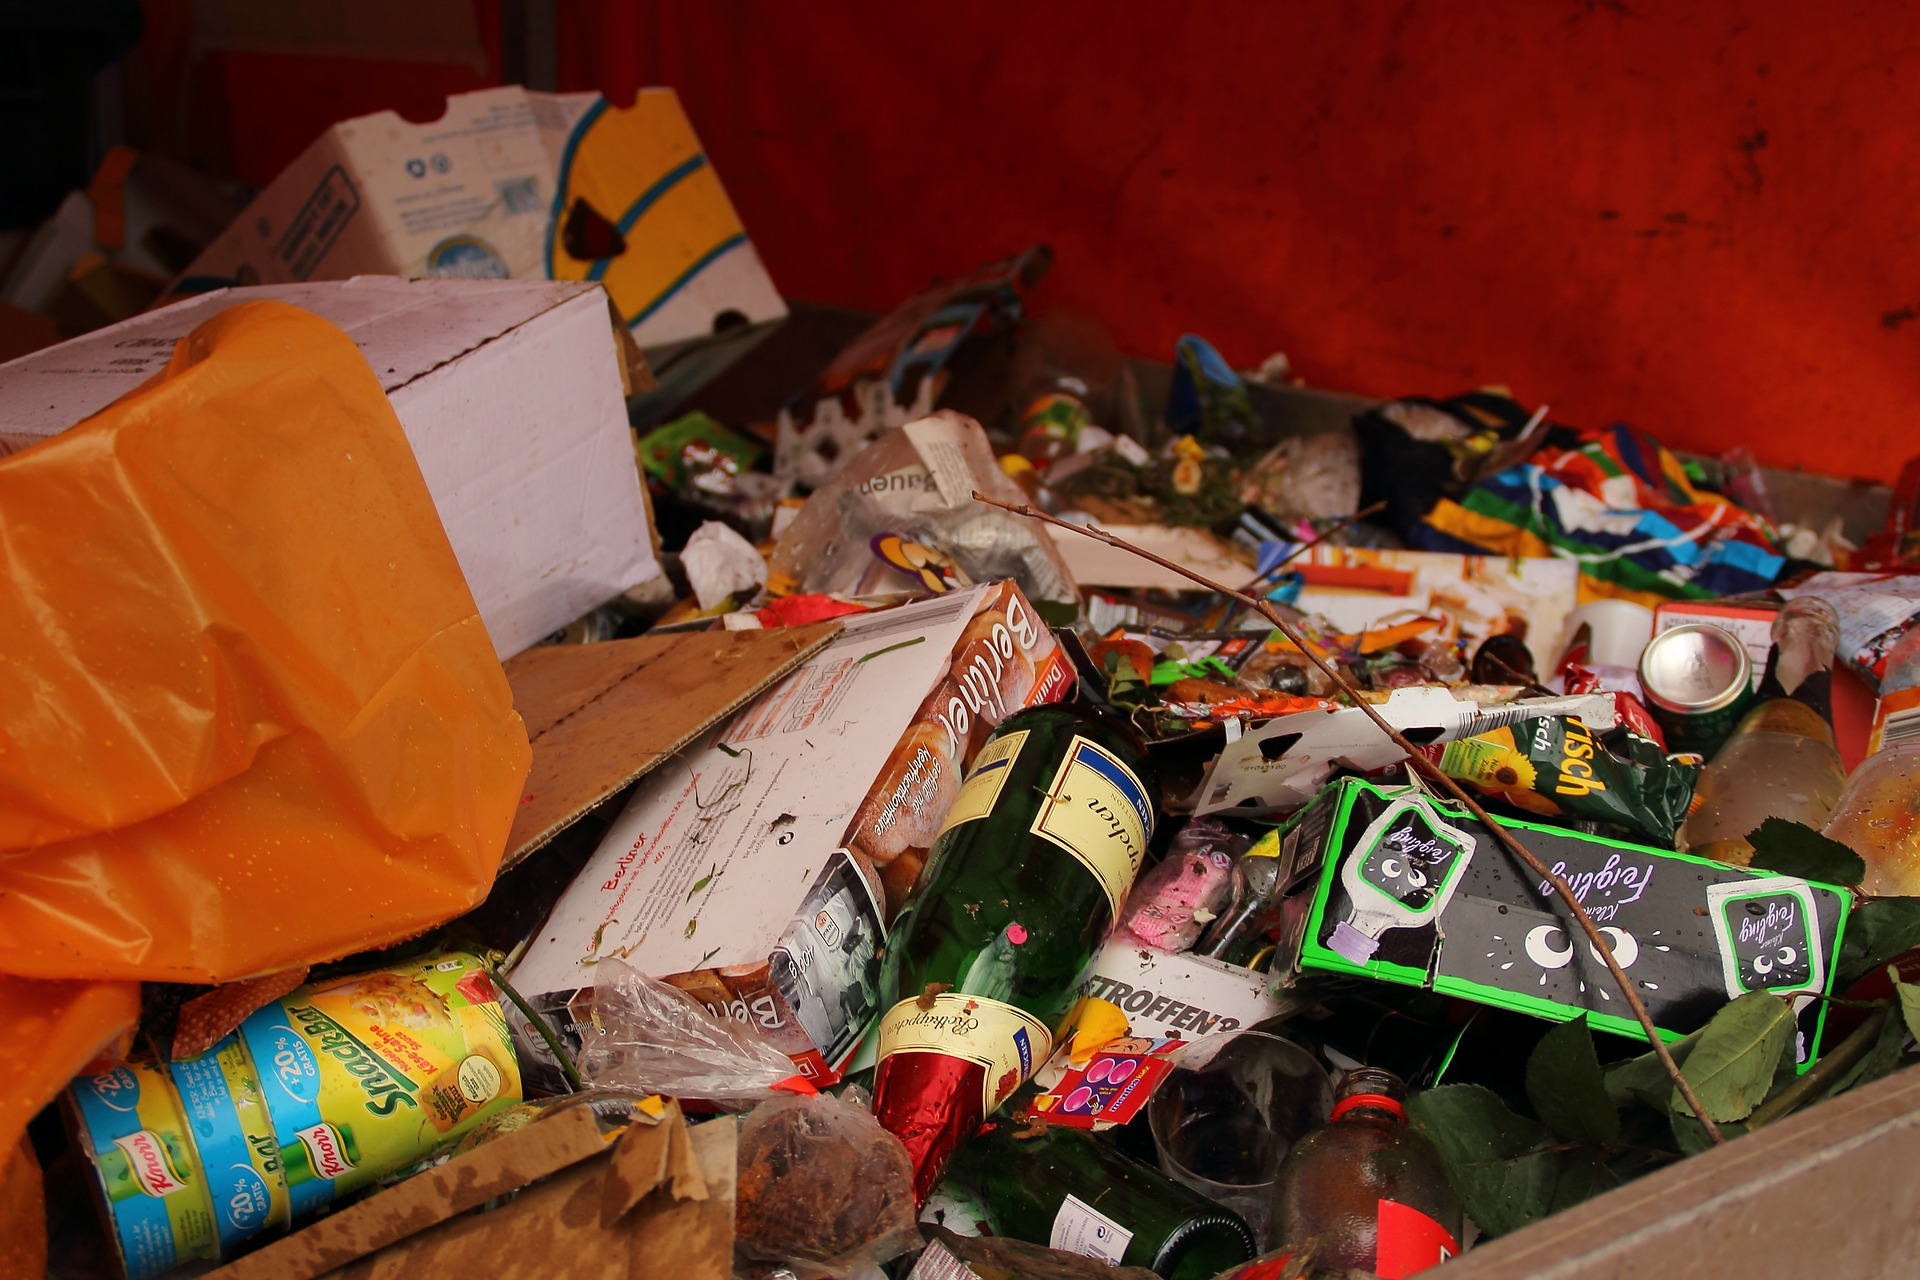 garbage-279776_1920